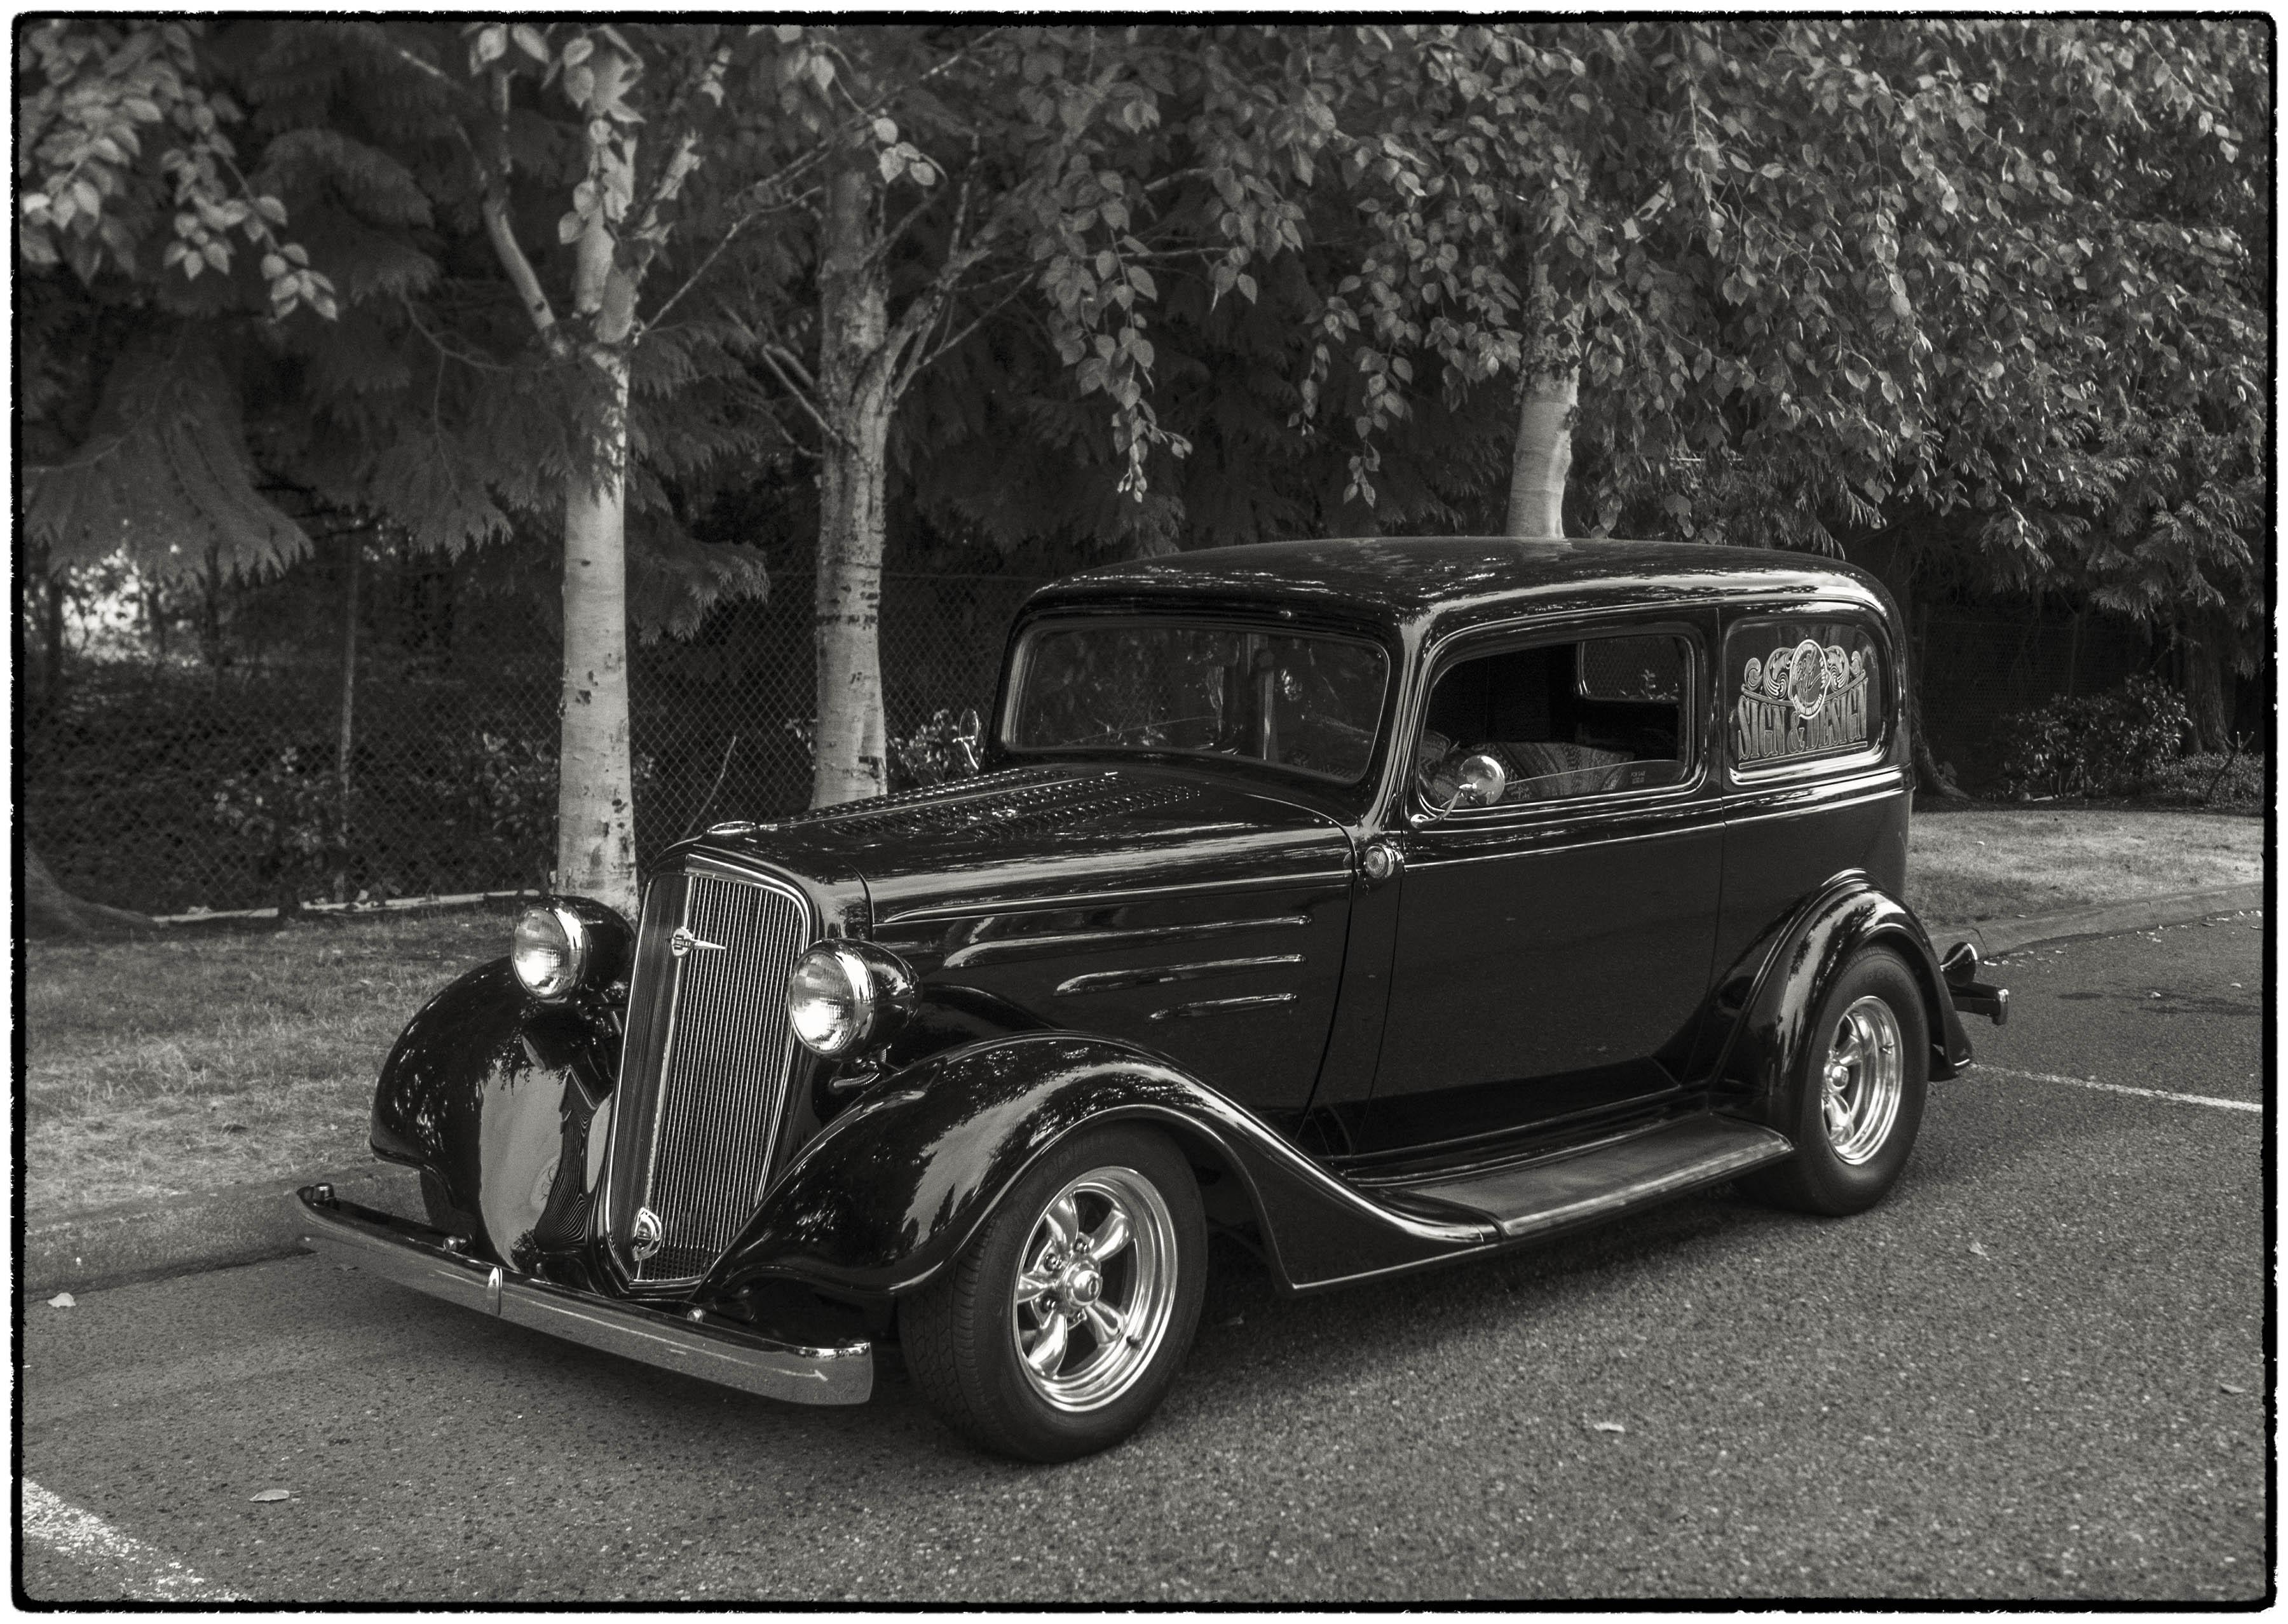 1933 chevy 2 door sedan flickr photo sharing for 1933 chevrolet 2 door sedan